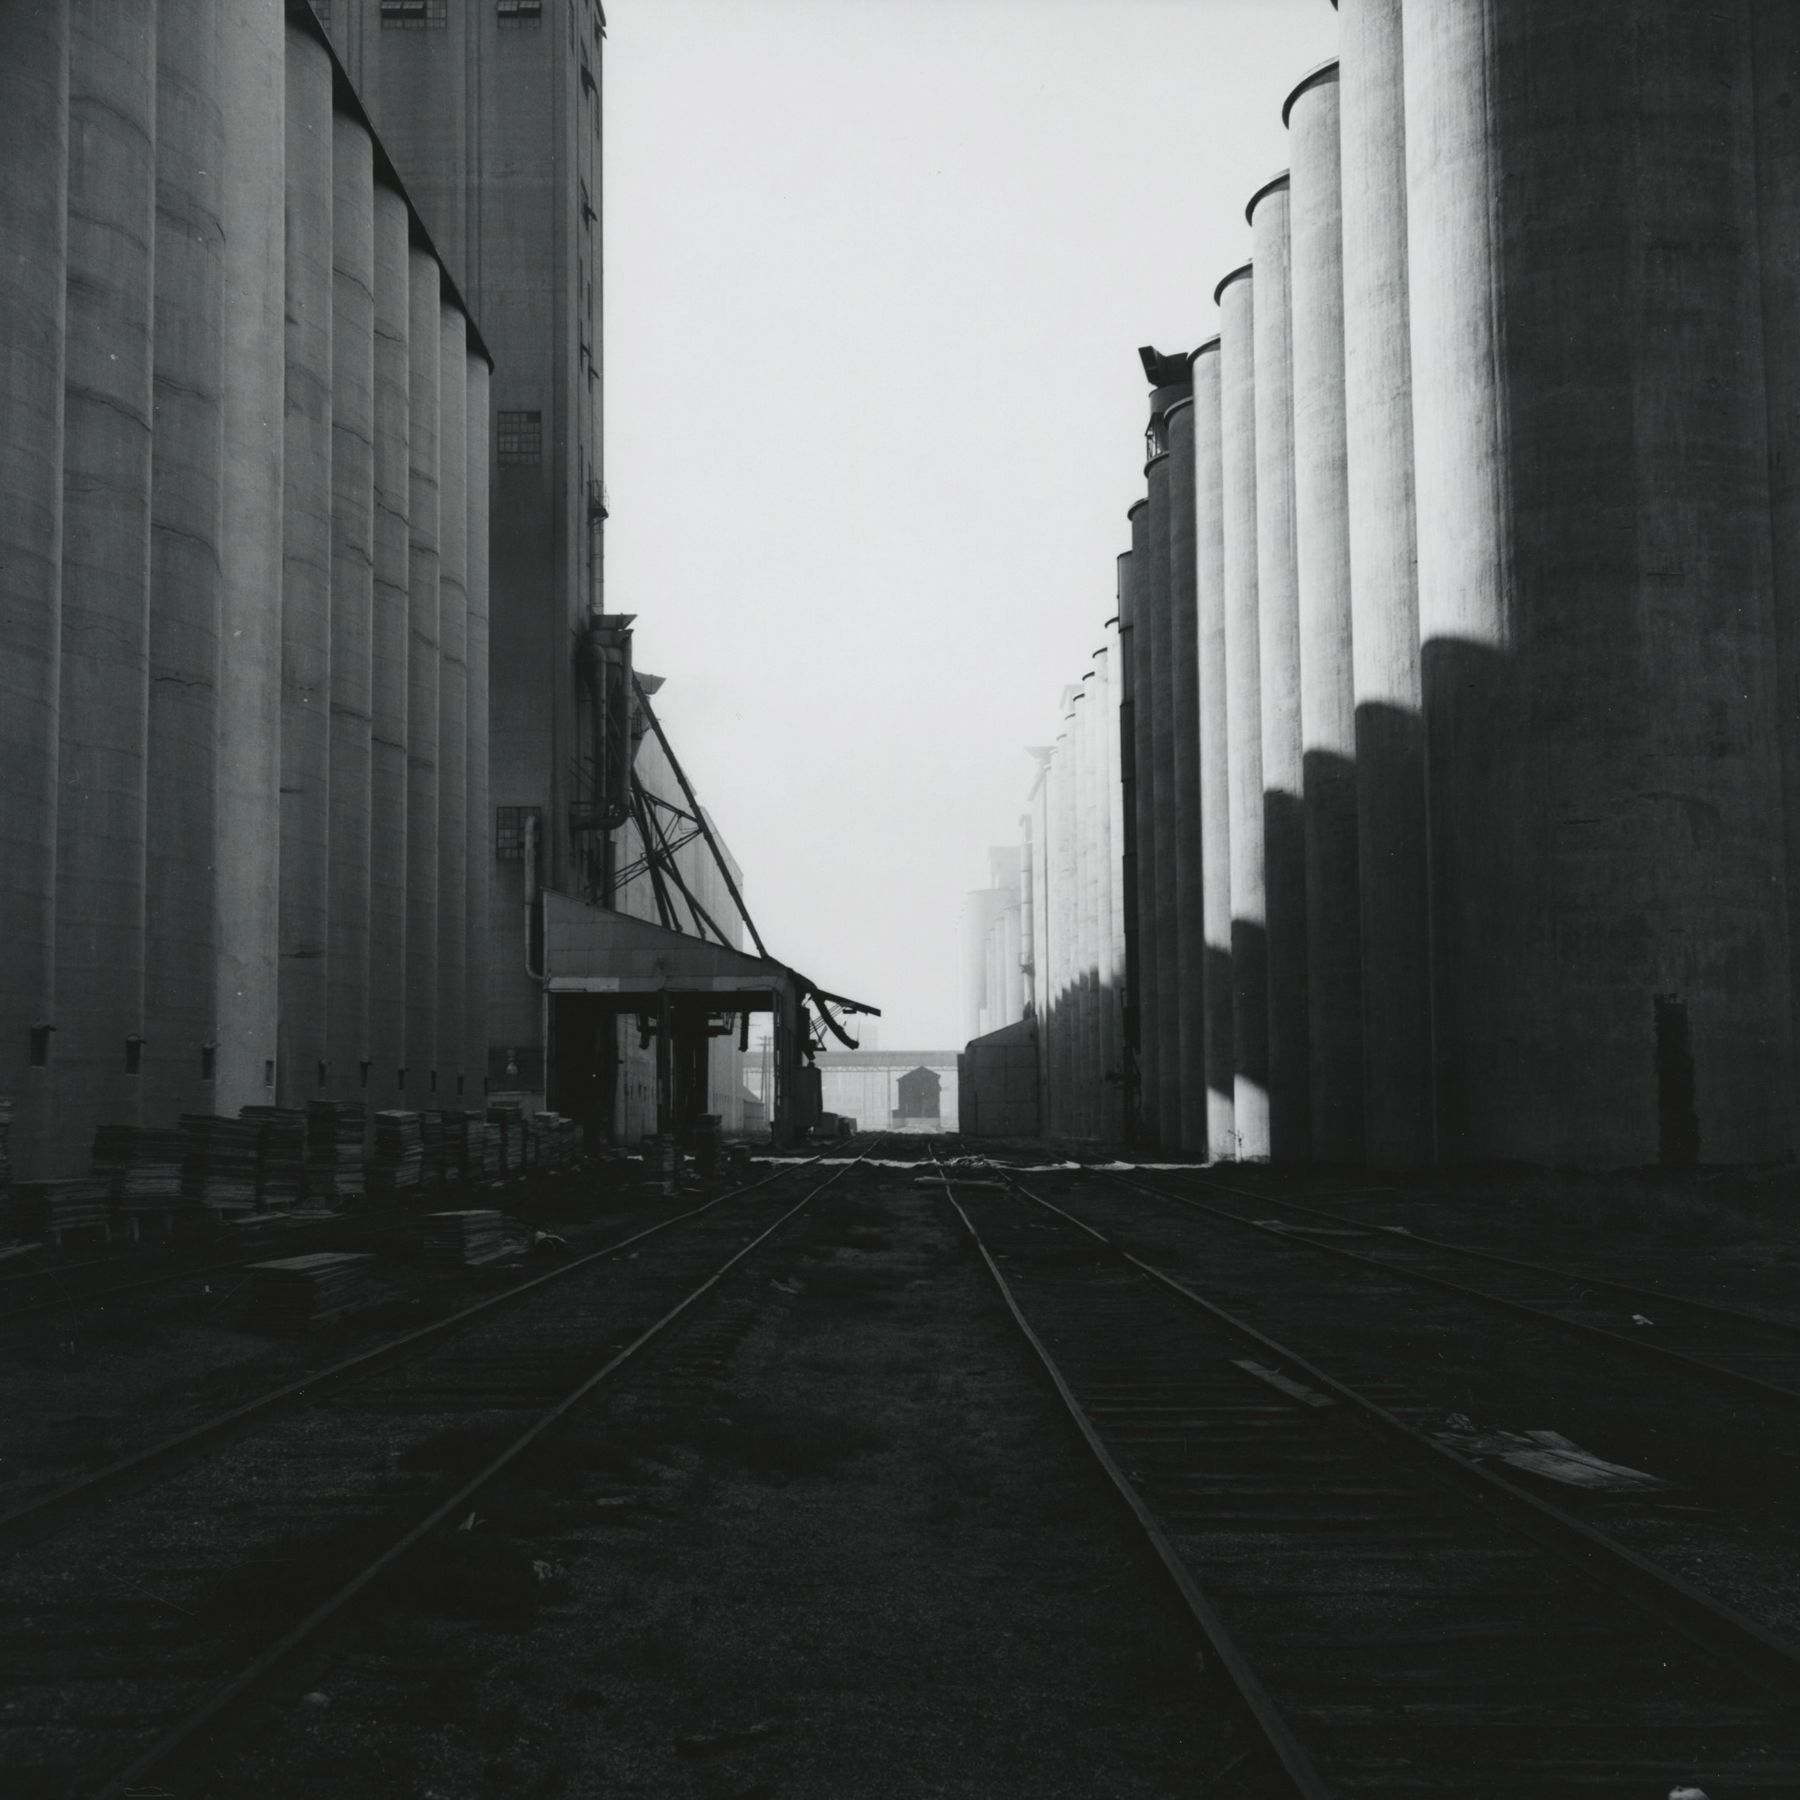 Frank Gohlke: Grain Elevators Howard Greenberg Gallery 2016